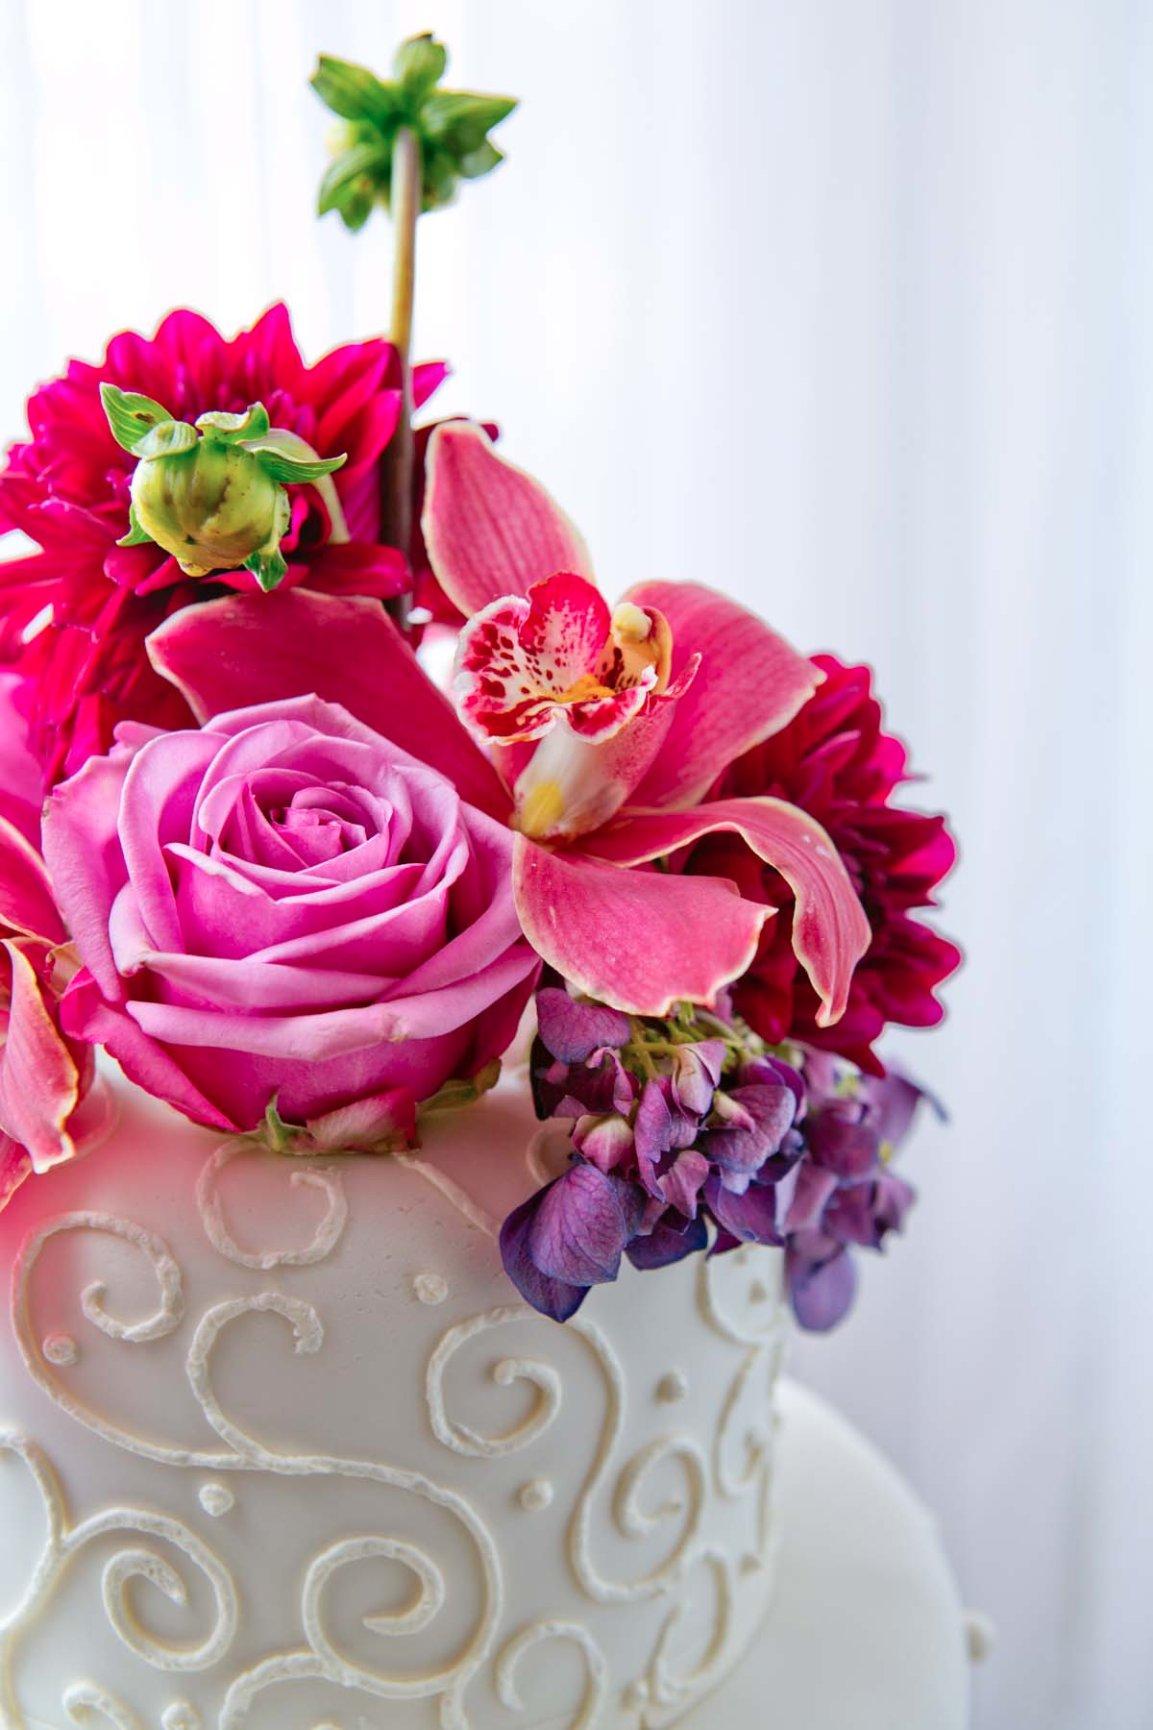 Wedding Cake Trends - Brett Charles Rose Photography